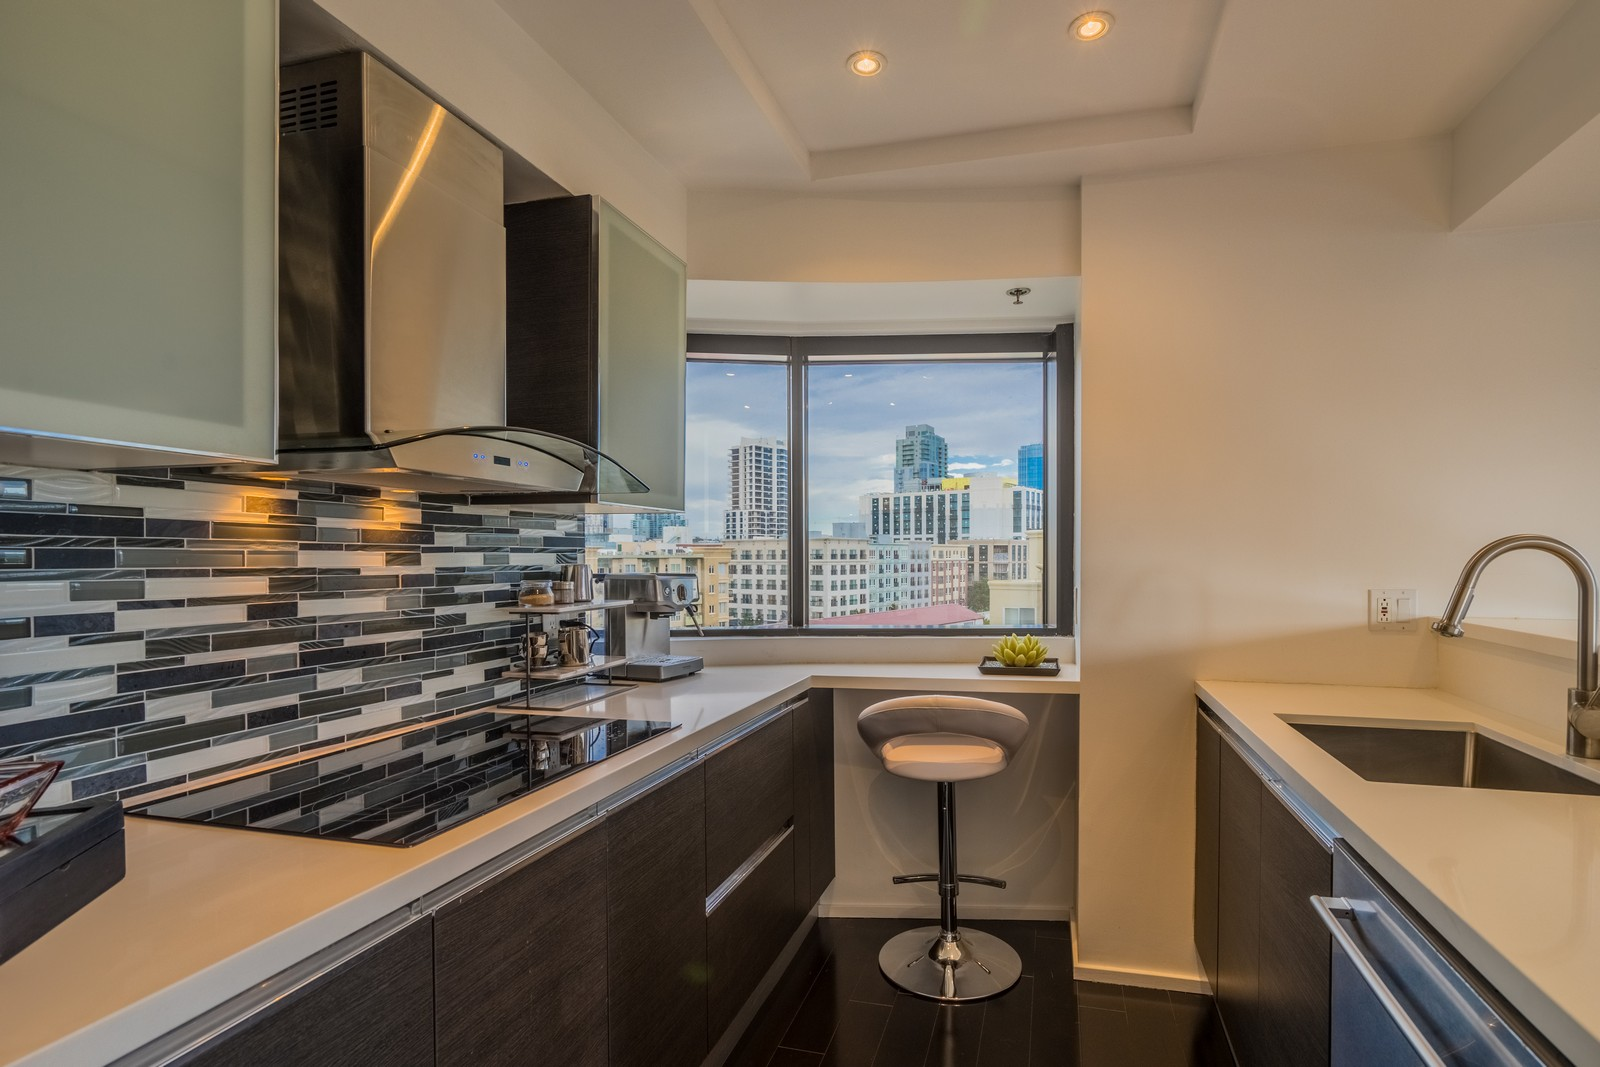 共管式独立产权公寓 为 出租 在 200 Harbor Drive, 701 圣地亚哥, 加利福尼亚州 92101 美国